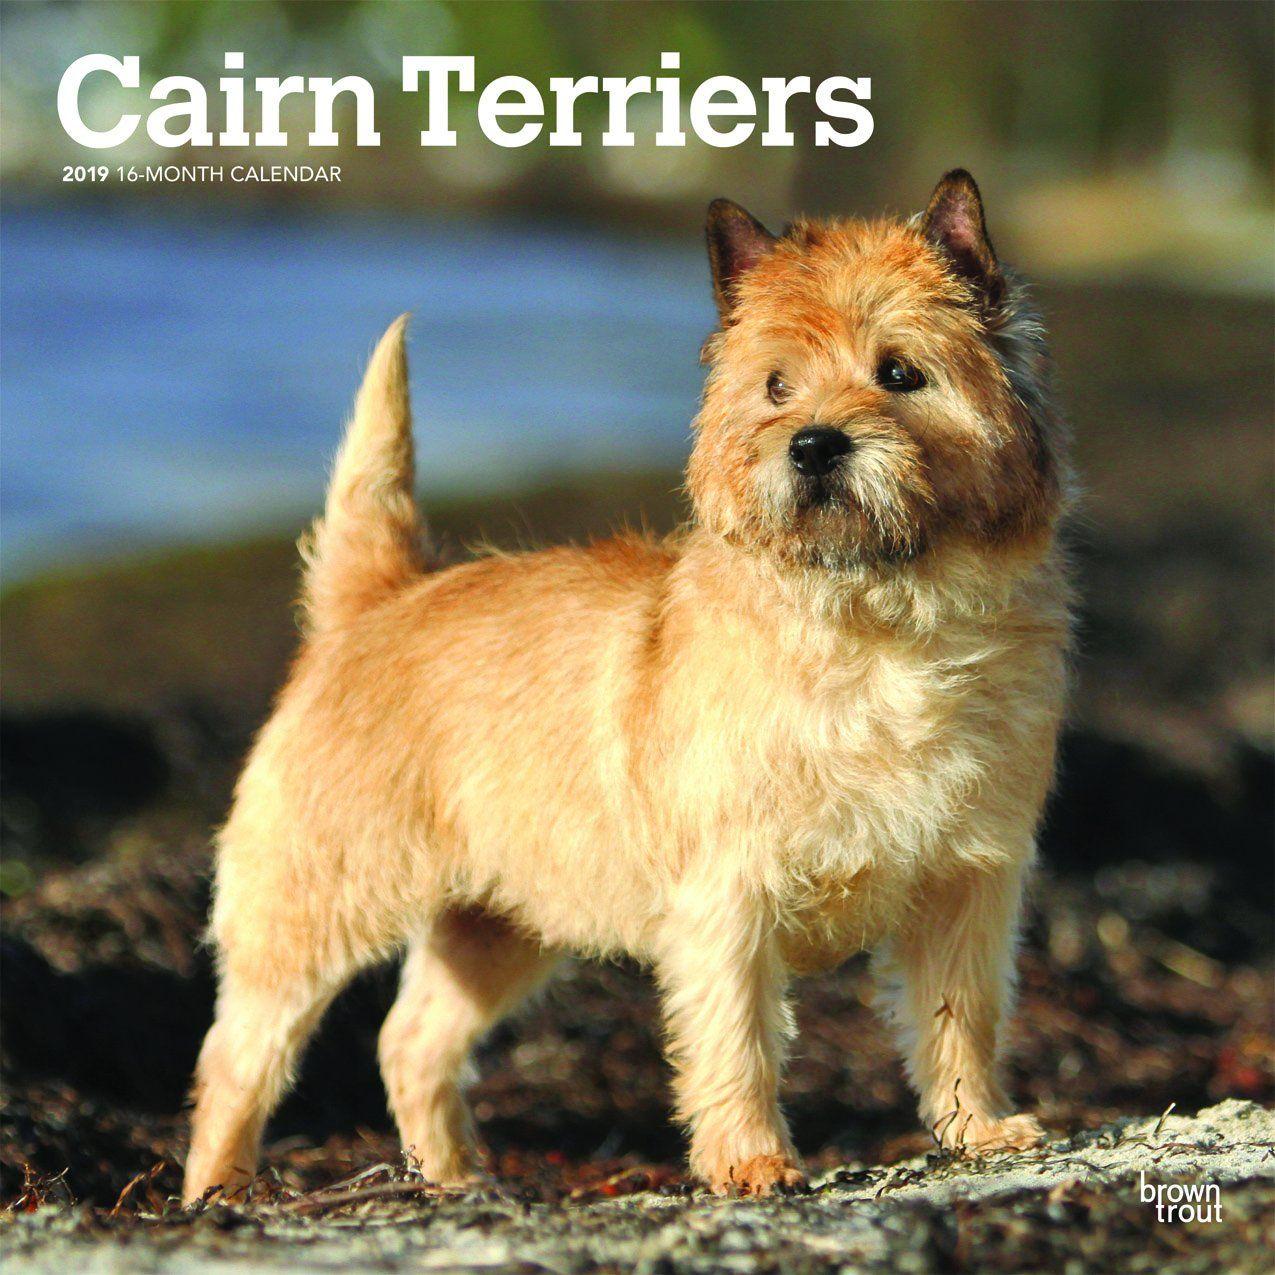 Cairn Terriers 2019 Wall Calendar Cairn Terrier Terrier Dog Breeds